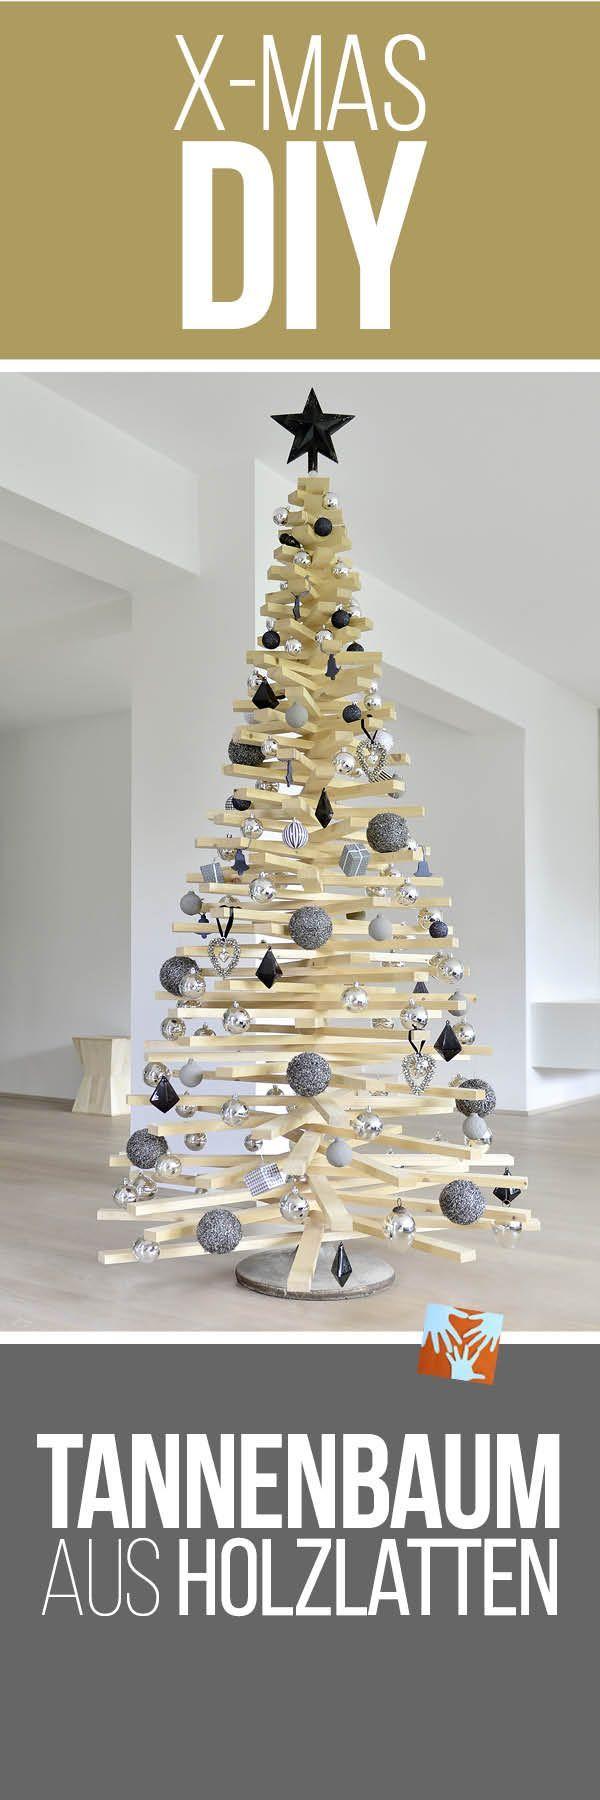 Diy weihnachtsbaum aus holzlatten basteln mit kindern diy und kreativ ideen weihnachtsbaum - Selbstgemachte weihnachtsdeko ...